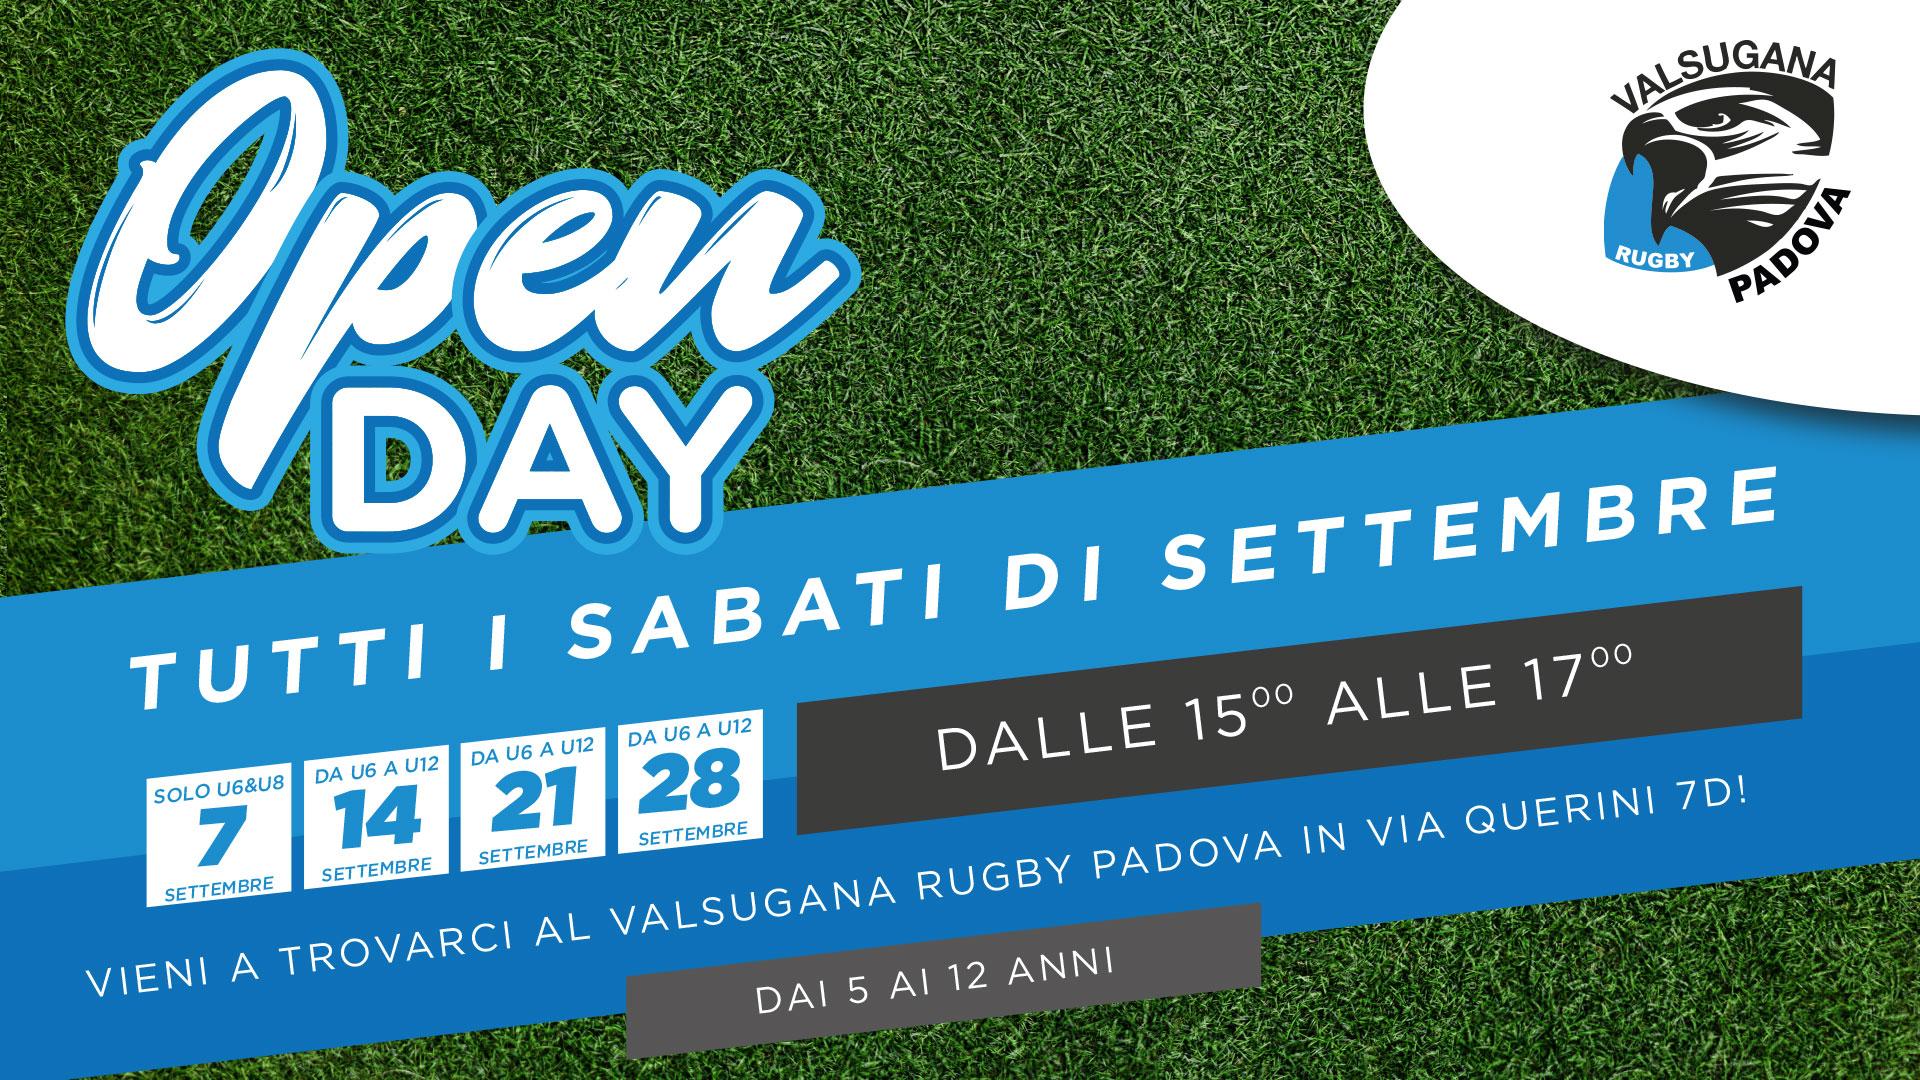 Calendario Tornei Minirugby 2020.Minirugby Archivi Valsugana Rugby Padova